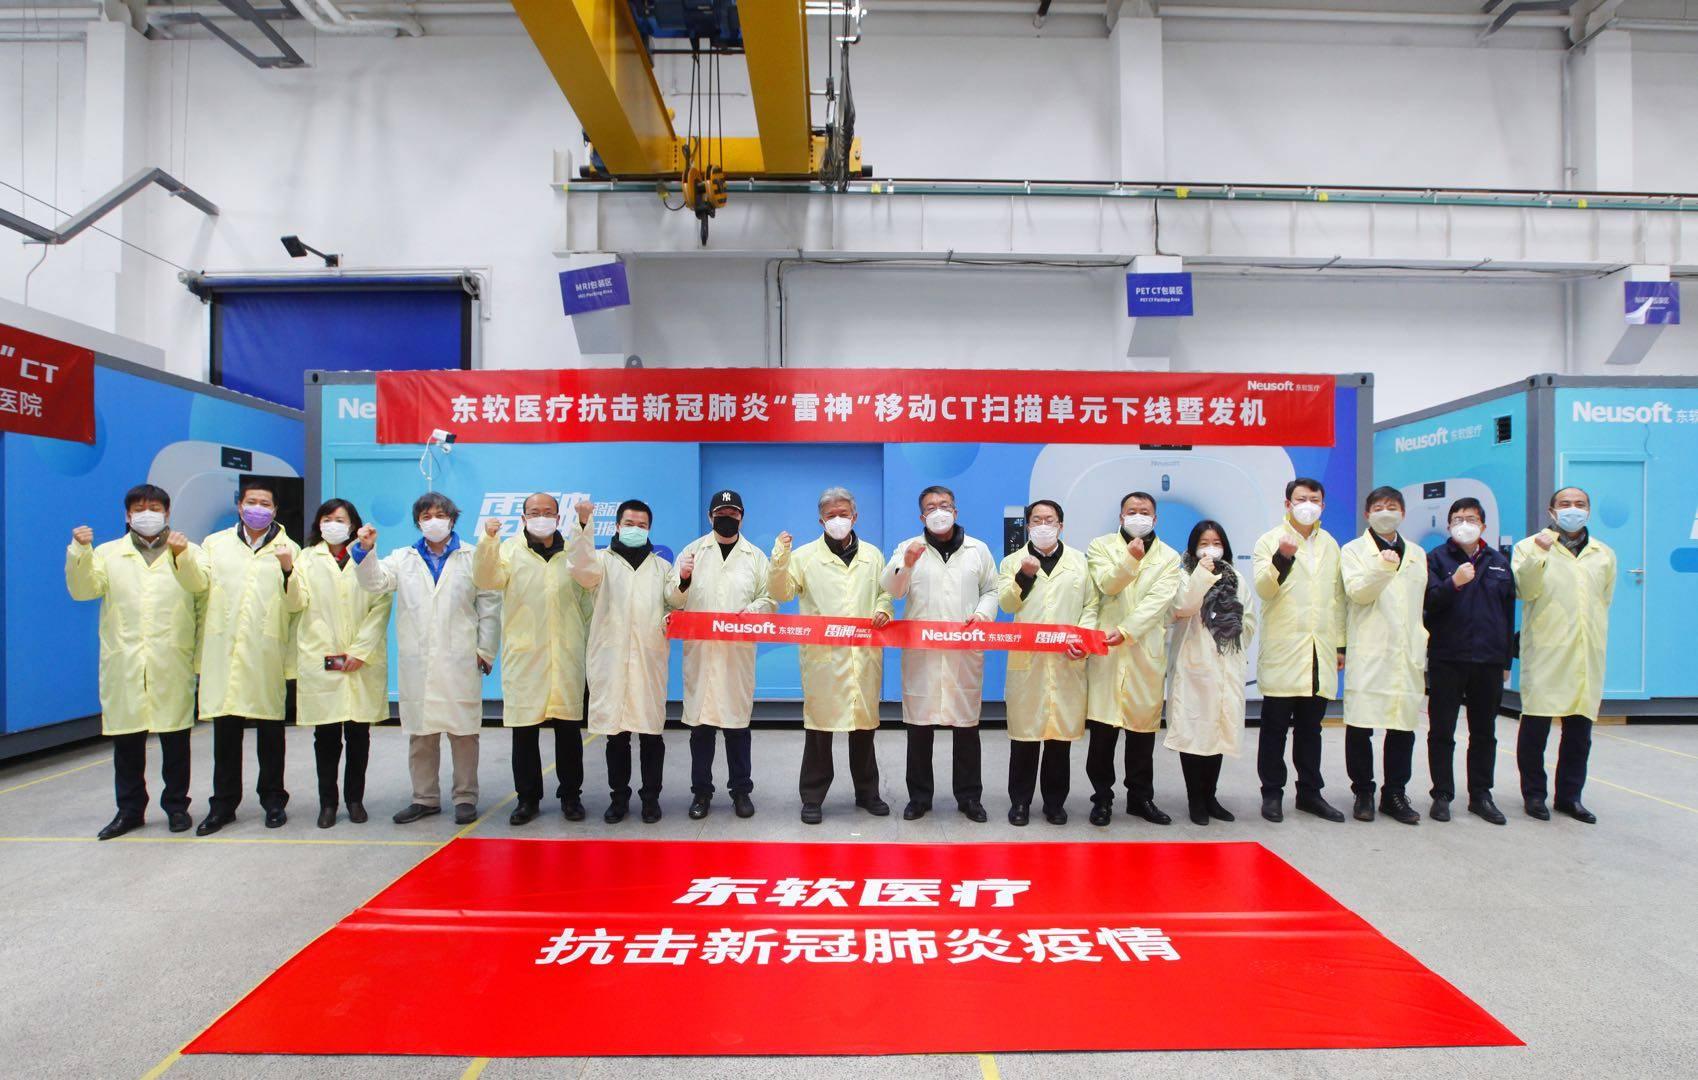 东软医疗冲刺科创板,国产CT第一家再战高端装备